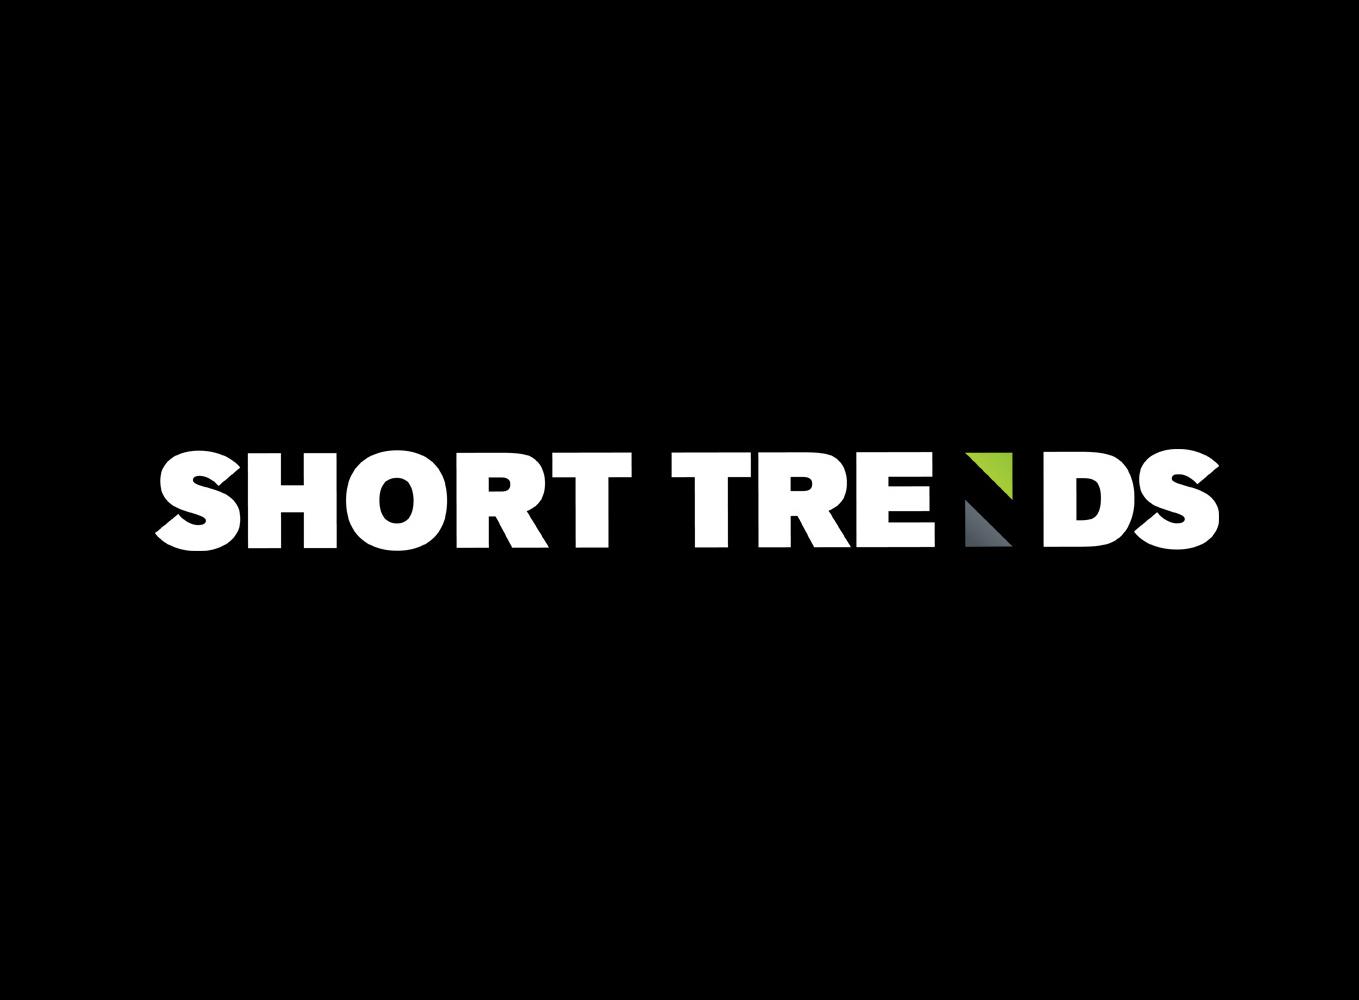 Short Trends Logo